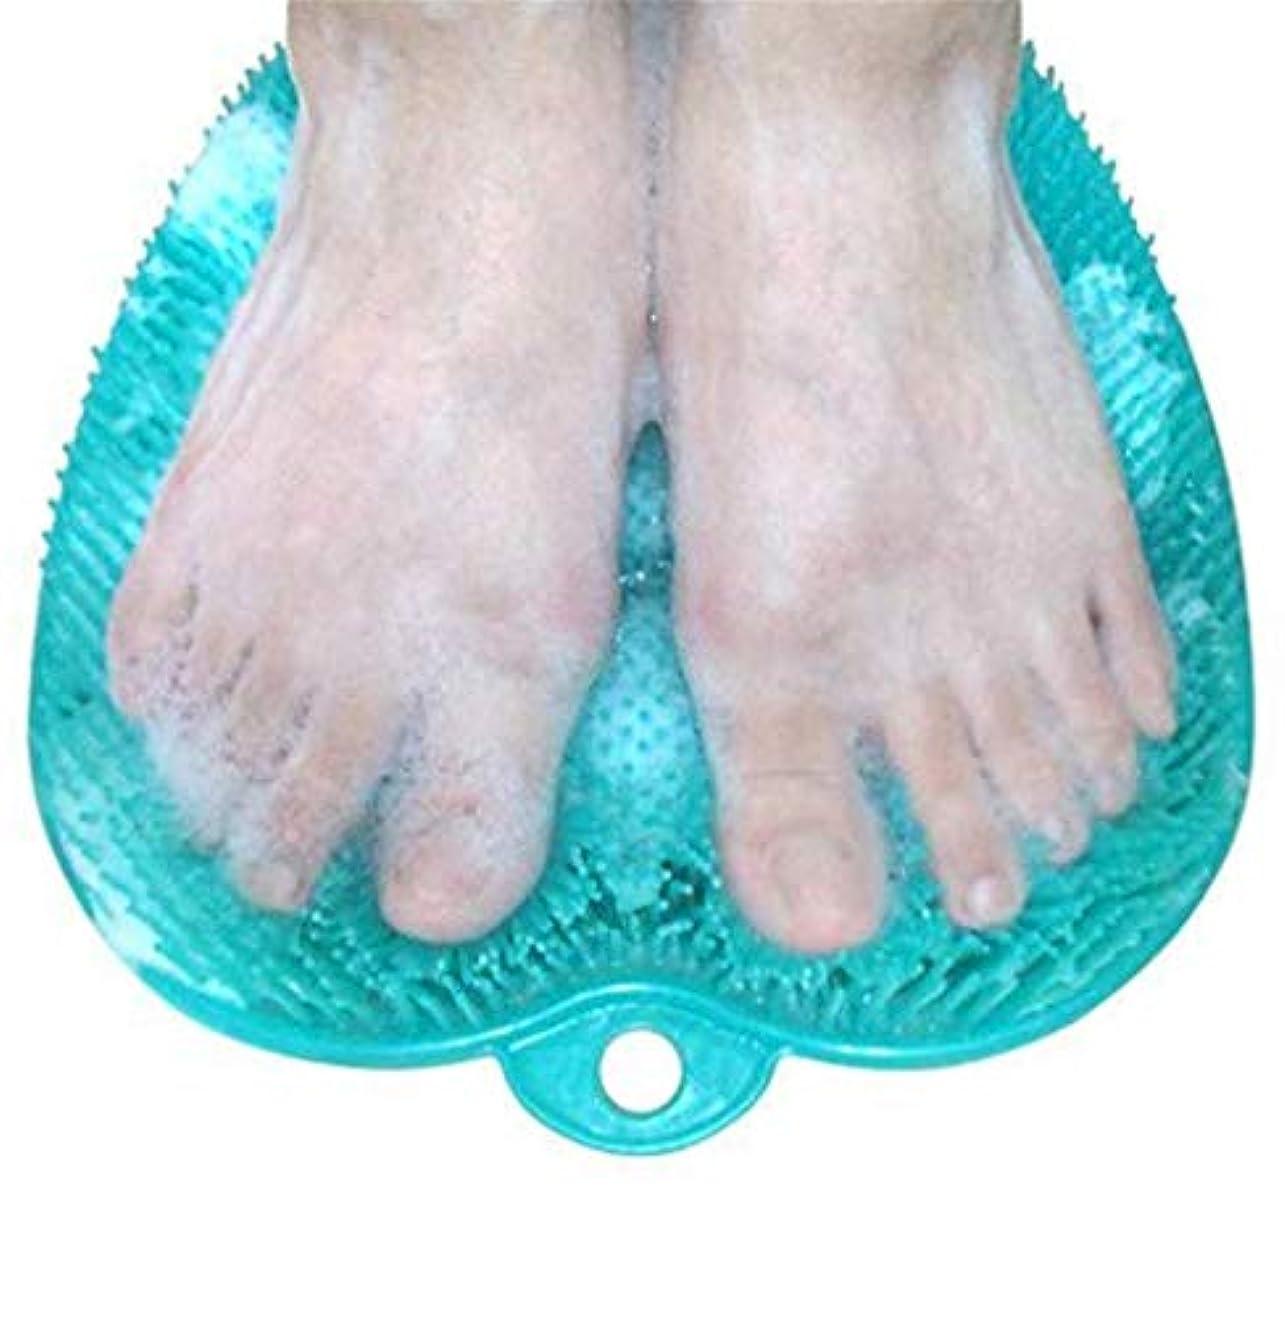 アラブ人首謀者遷移滑り止めの吸引のコップが付いているNewthinkingのフィートのスクラバーの洗剤のマッサージャーのマッサージャーのブラシおよびフットケアのための柔らかい足の指圧のマッサージのマット